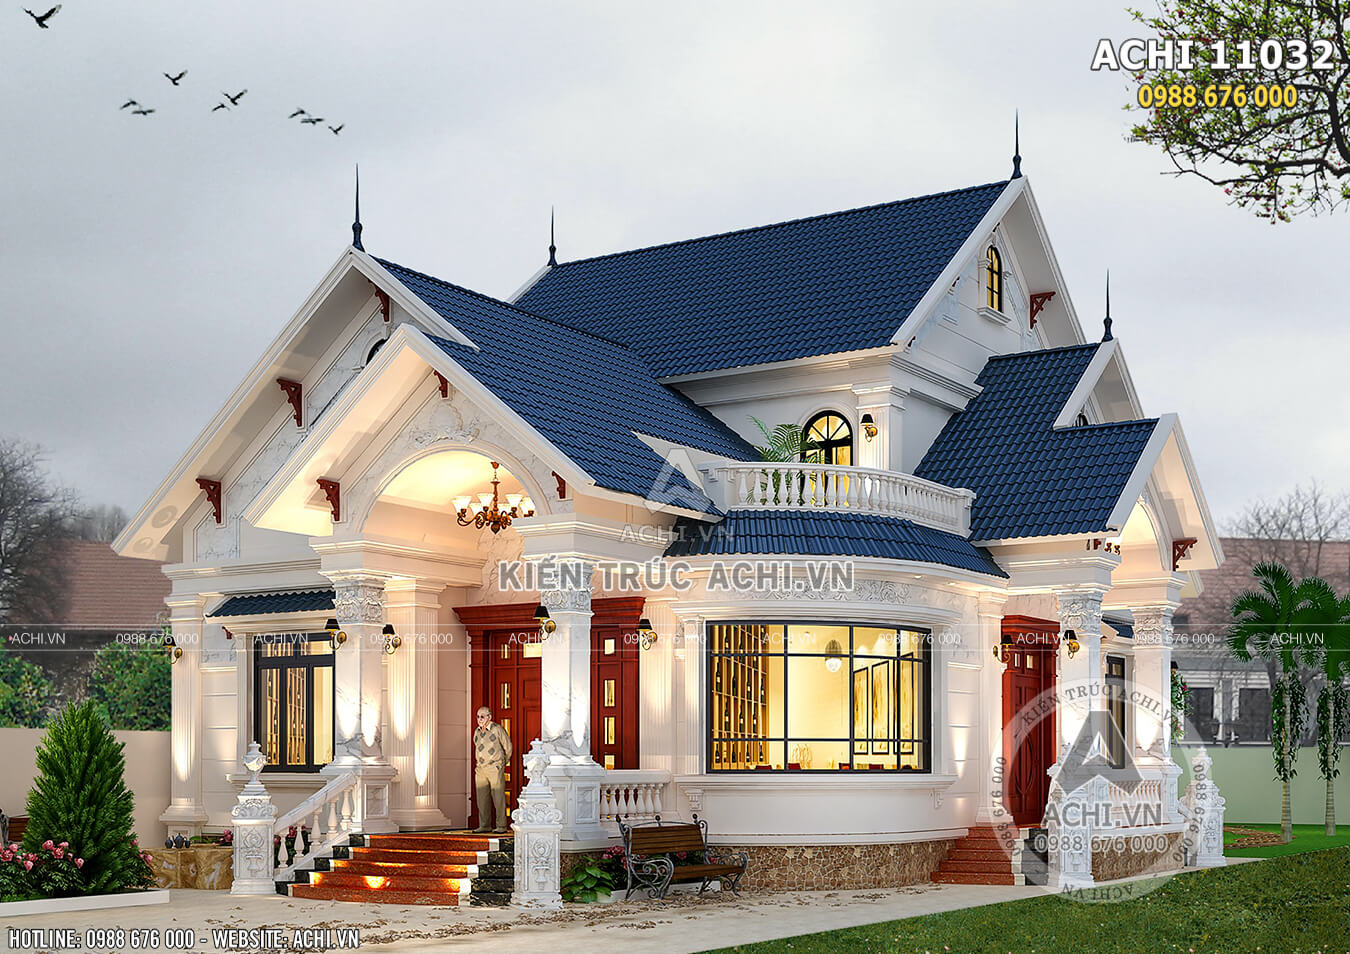 Mẫu thiết kế nhà biệt thự 1,5 tầng đẹp tại Hà Nội - ACHI 11032